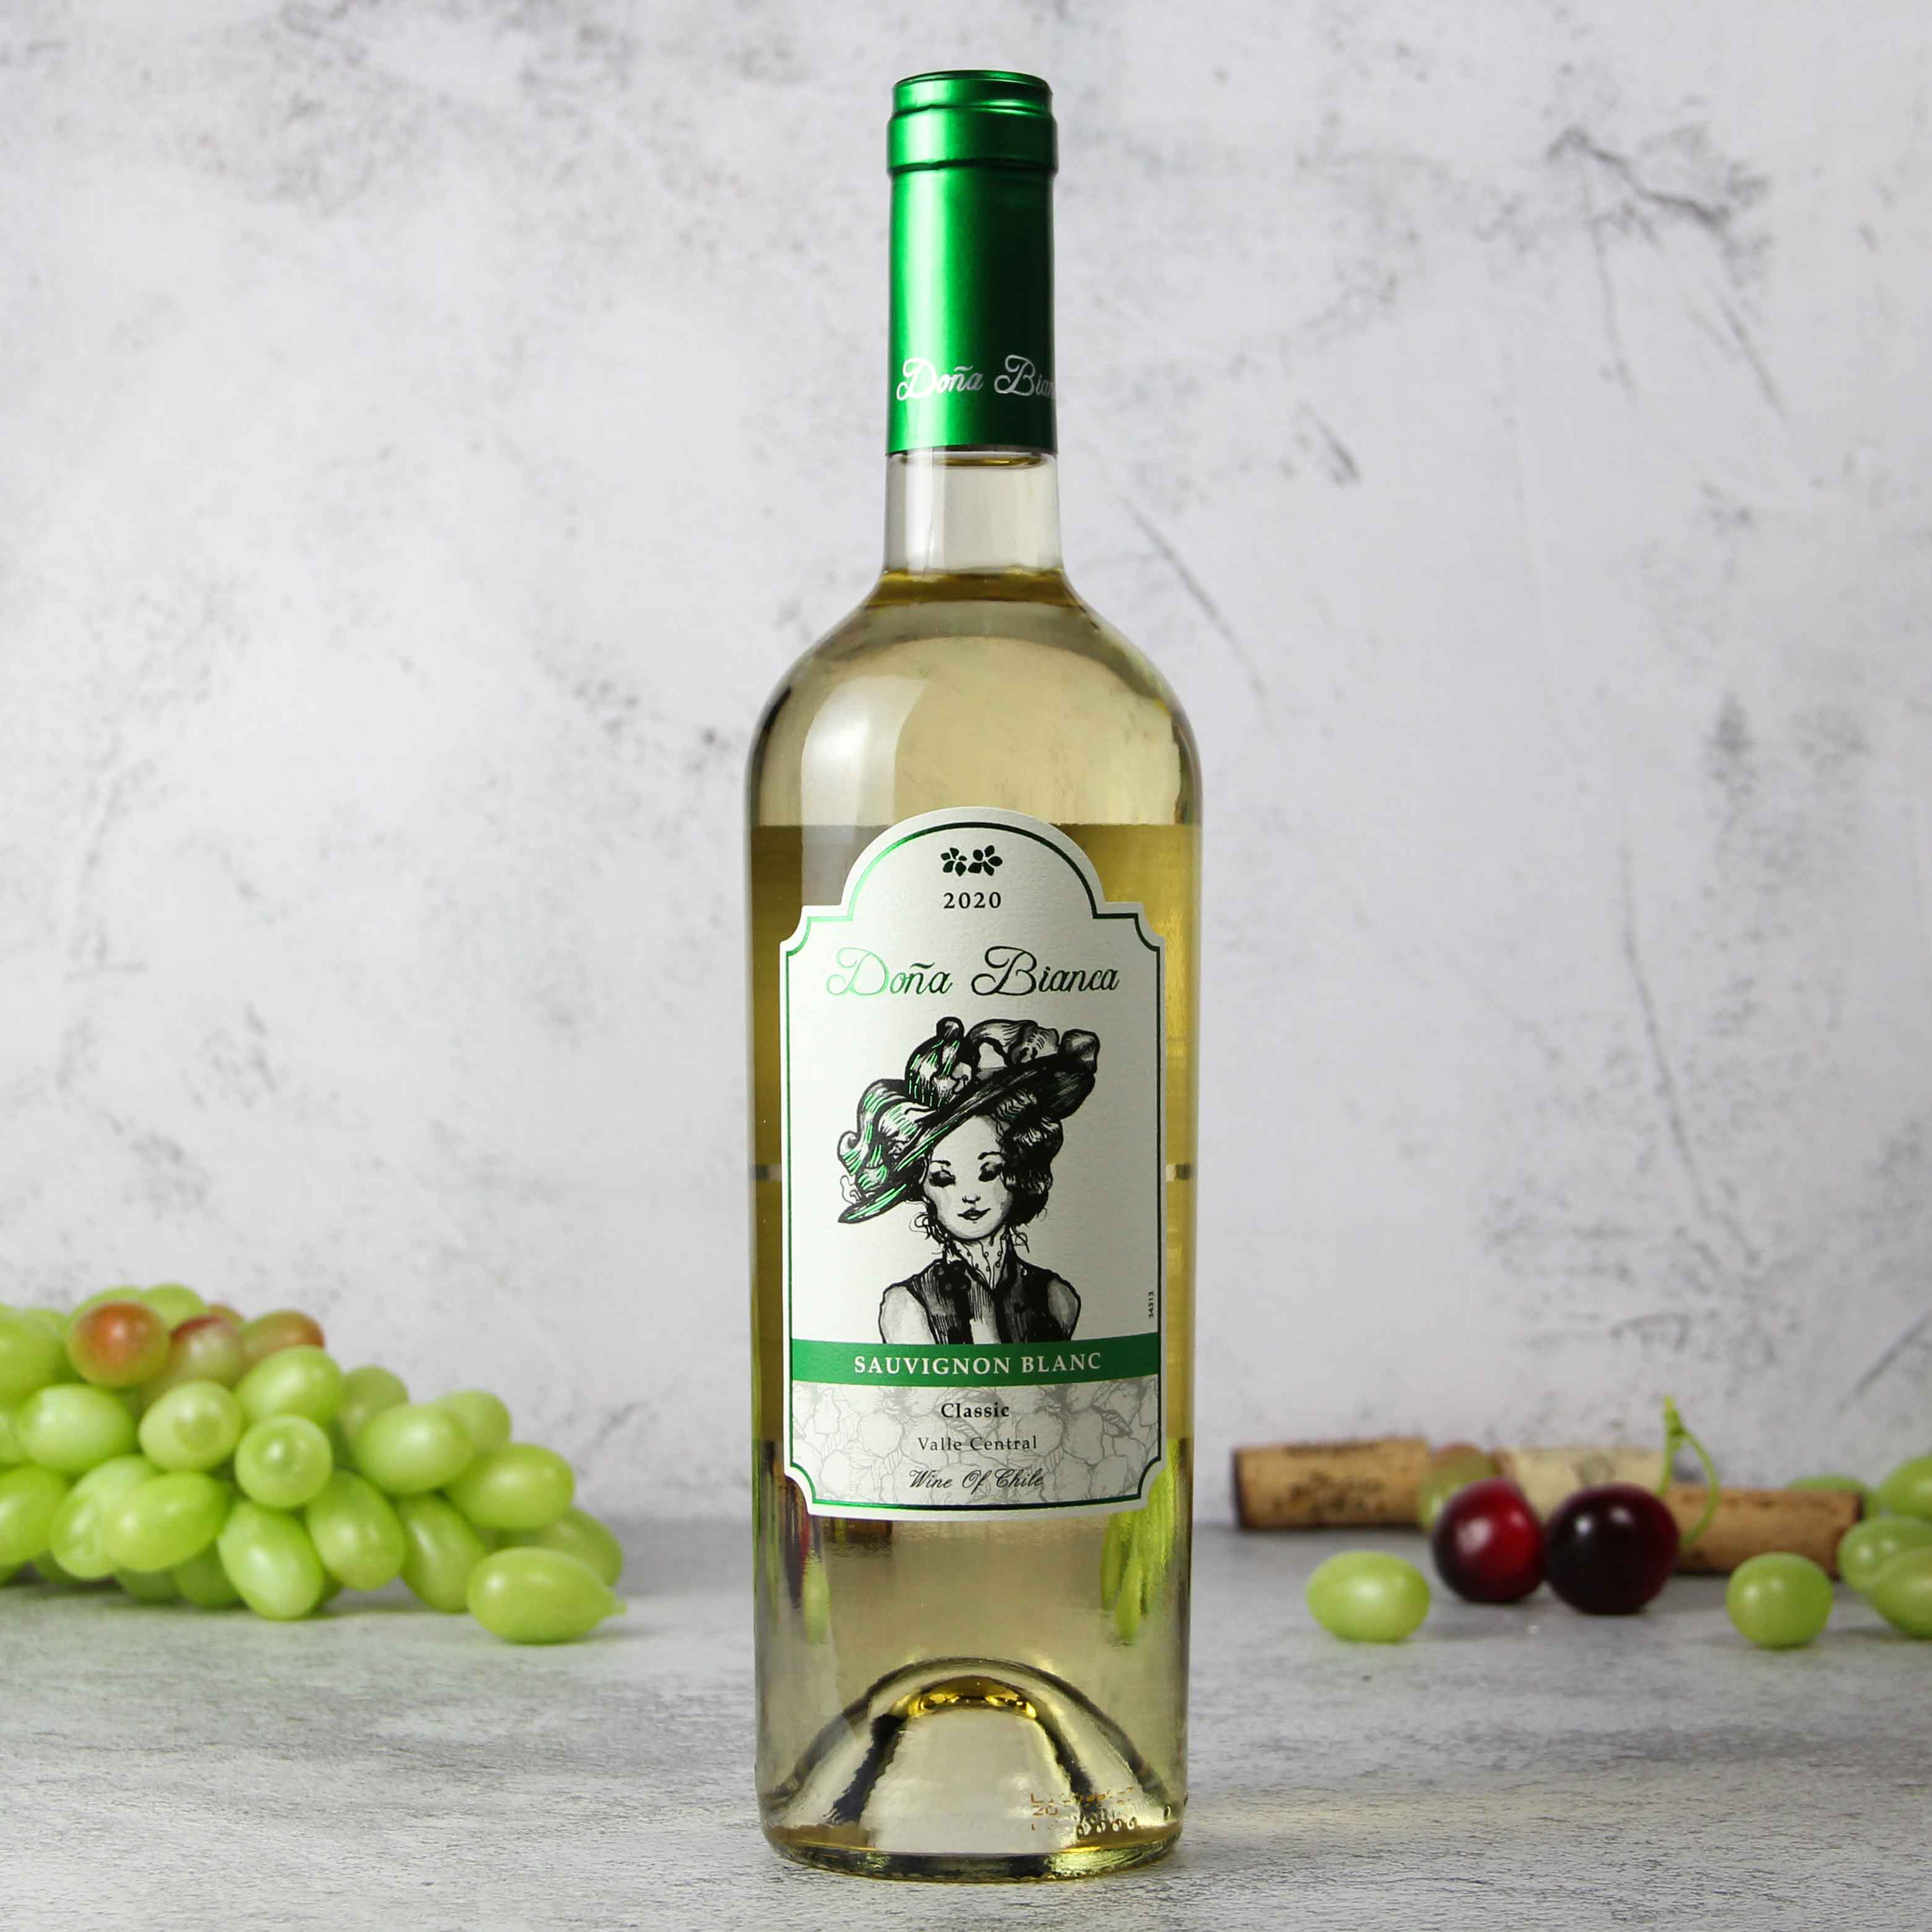 智利中央山谷DonaBianca酒庄安卡夫人长相思经典干白葡萄酒